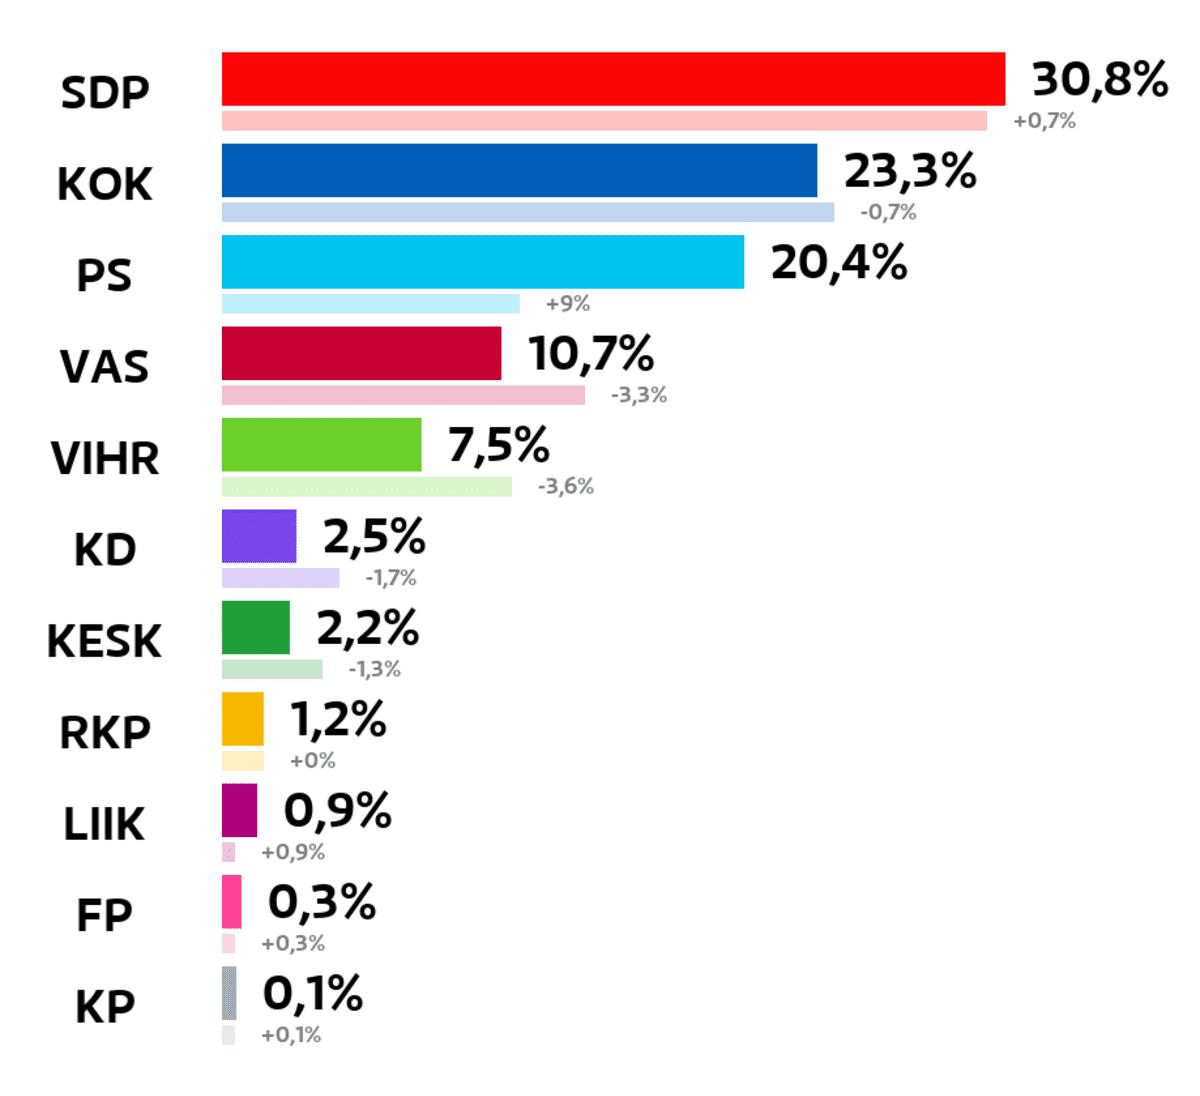 Kotka: Kuntavaalien tulos (%) SDP: 30,8 prosenttia Kokoomus: 23,3 prosenttia Perussuomalaiset: 20,4 prosenttia Vasemmistoliitto: 10,7 prosenttia Vihreät: 7,5 prosenttia Kristillisdemokraatit: 2,5 prosenttia Keskusta: 2,2 prosenttia RKP: 1,2 prosenttia Liike Nyt: 0,9 prosenttia Feministinen puolue: 0,3 prosenttia Kansalaispuolue: 0,1 prosenttia